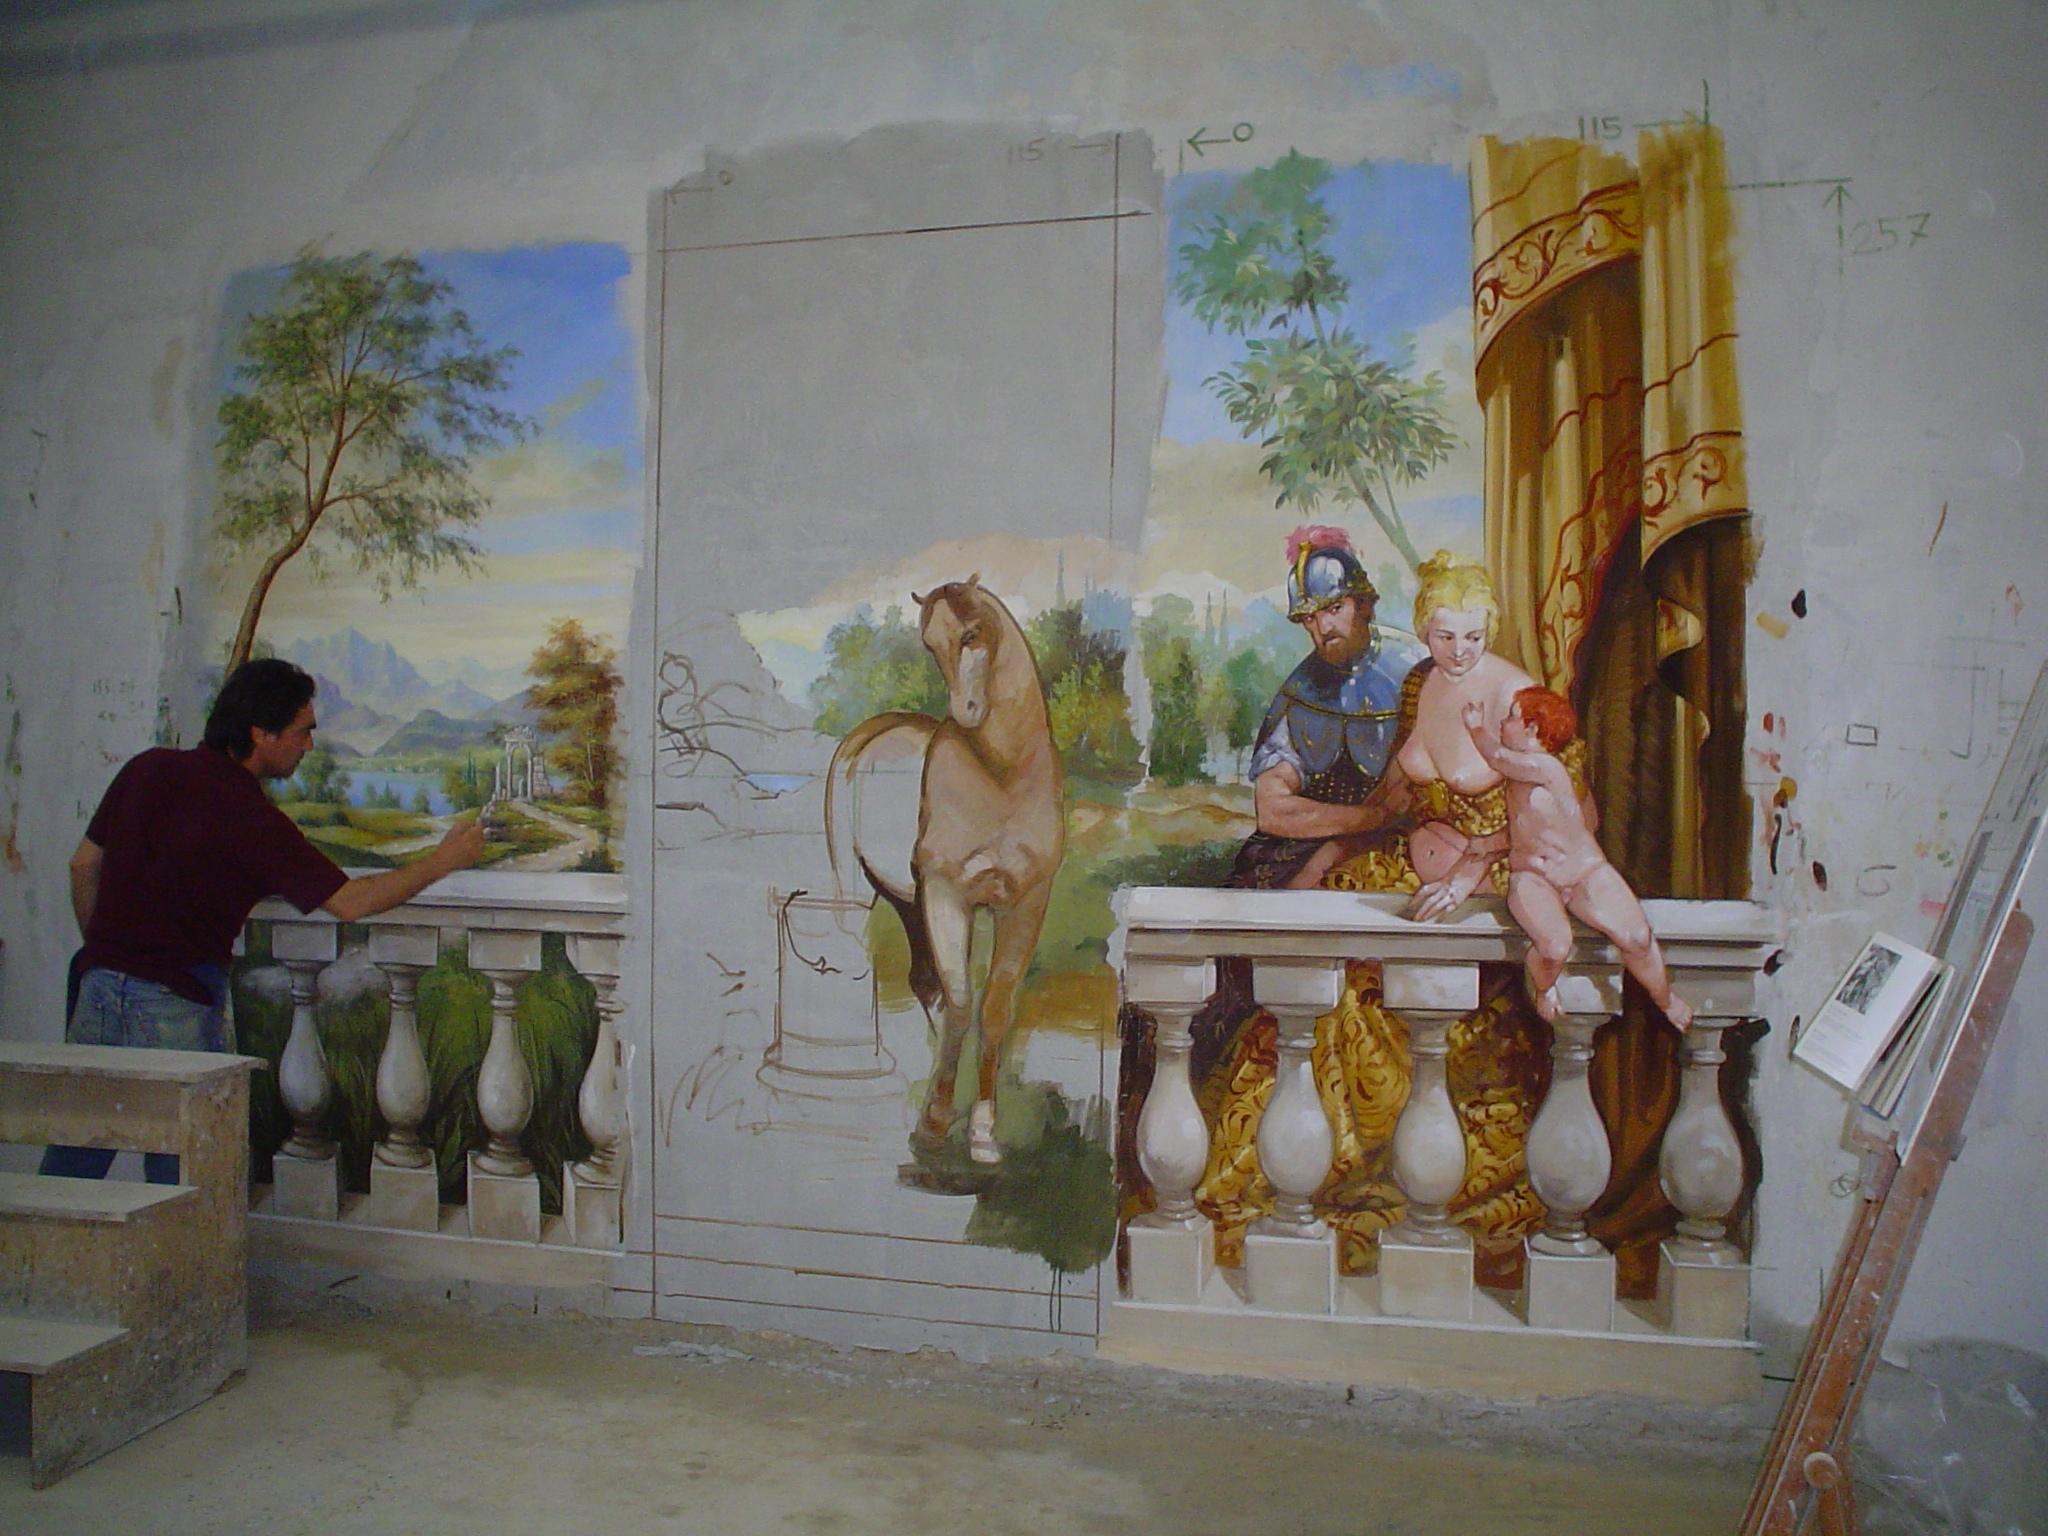 Questa prima immagine raffigura una fase dell'esecuzione degli affreschi per l'azienda Salionti direttamente nel laboratorio di Mariani Affreschi a Brescia